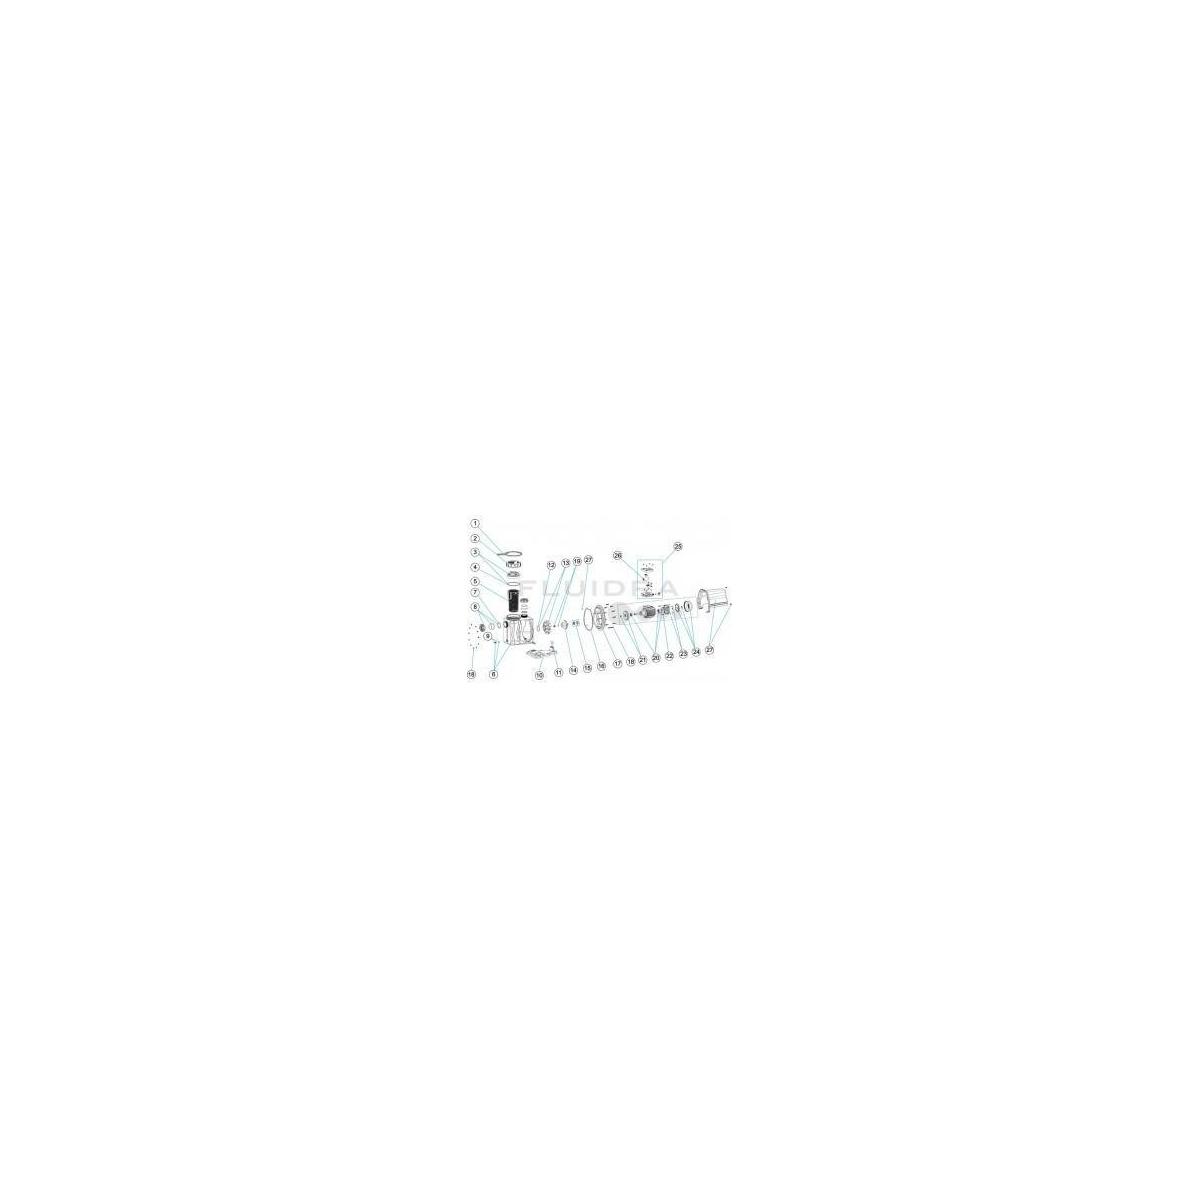 Recambio CJTO. VENTILADOR-TAPA 0,75 - 1 HP